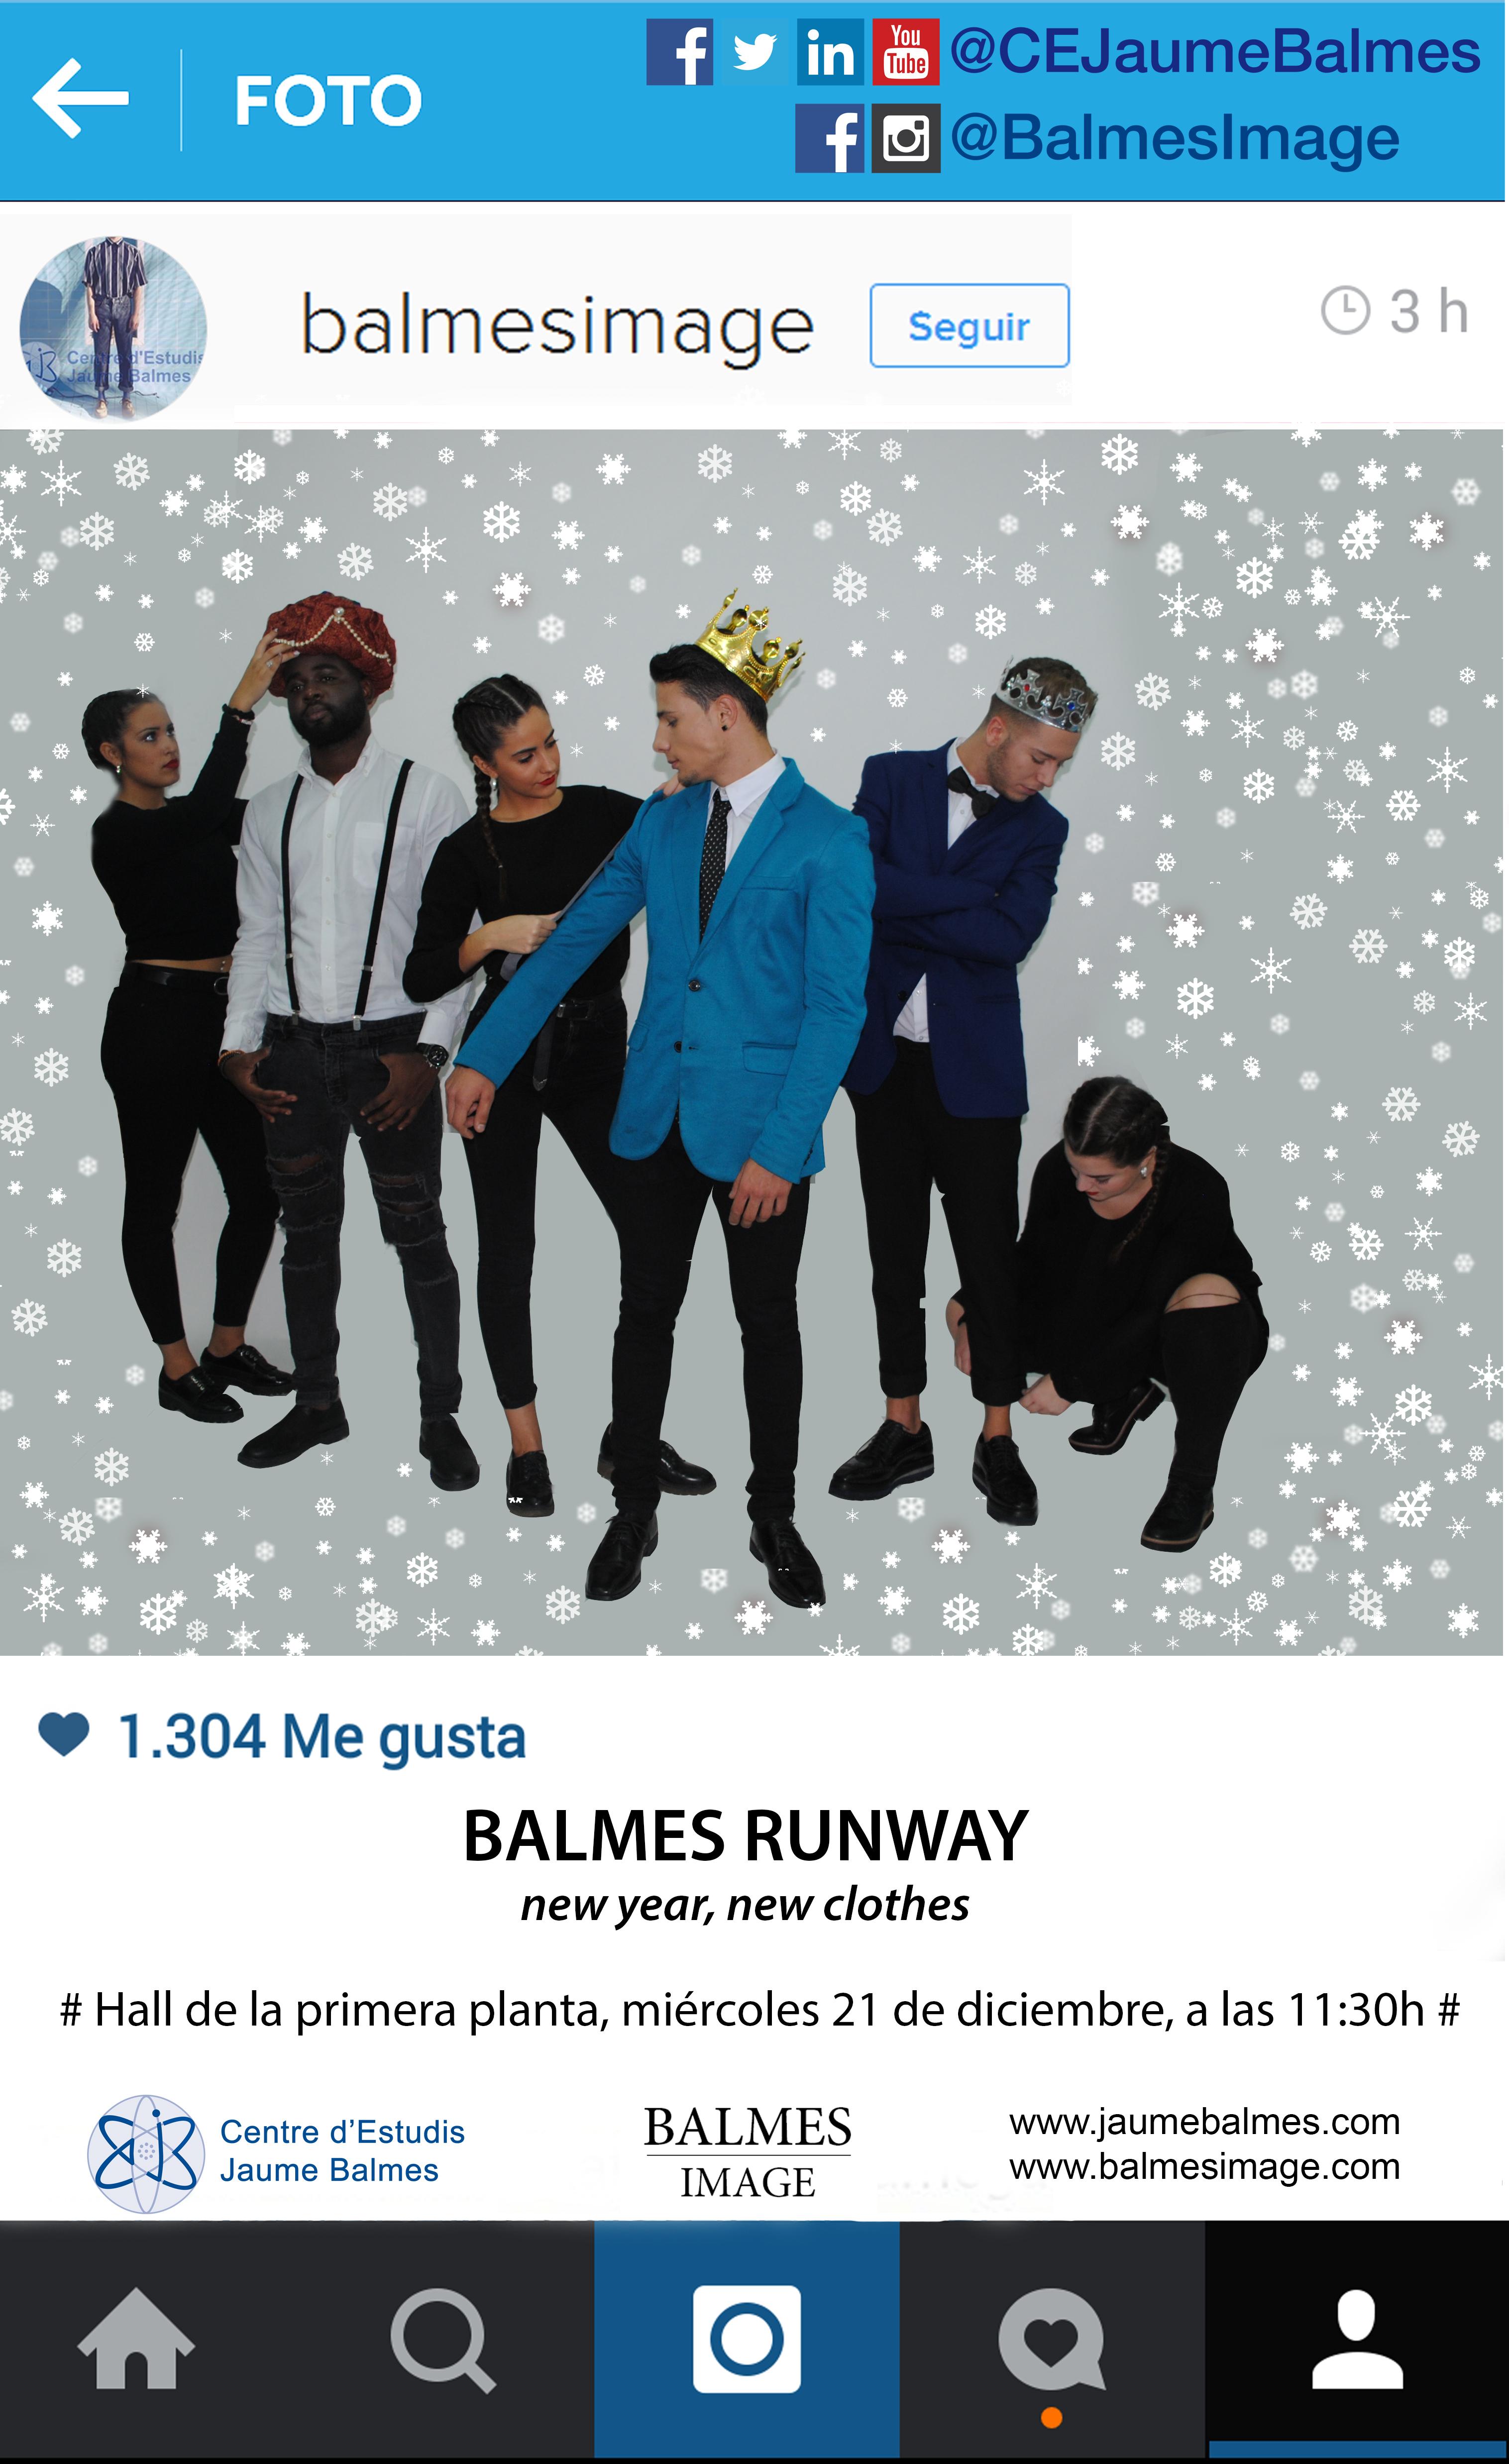 Alumnos Balmes Image